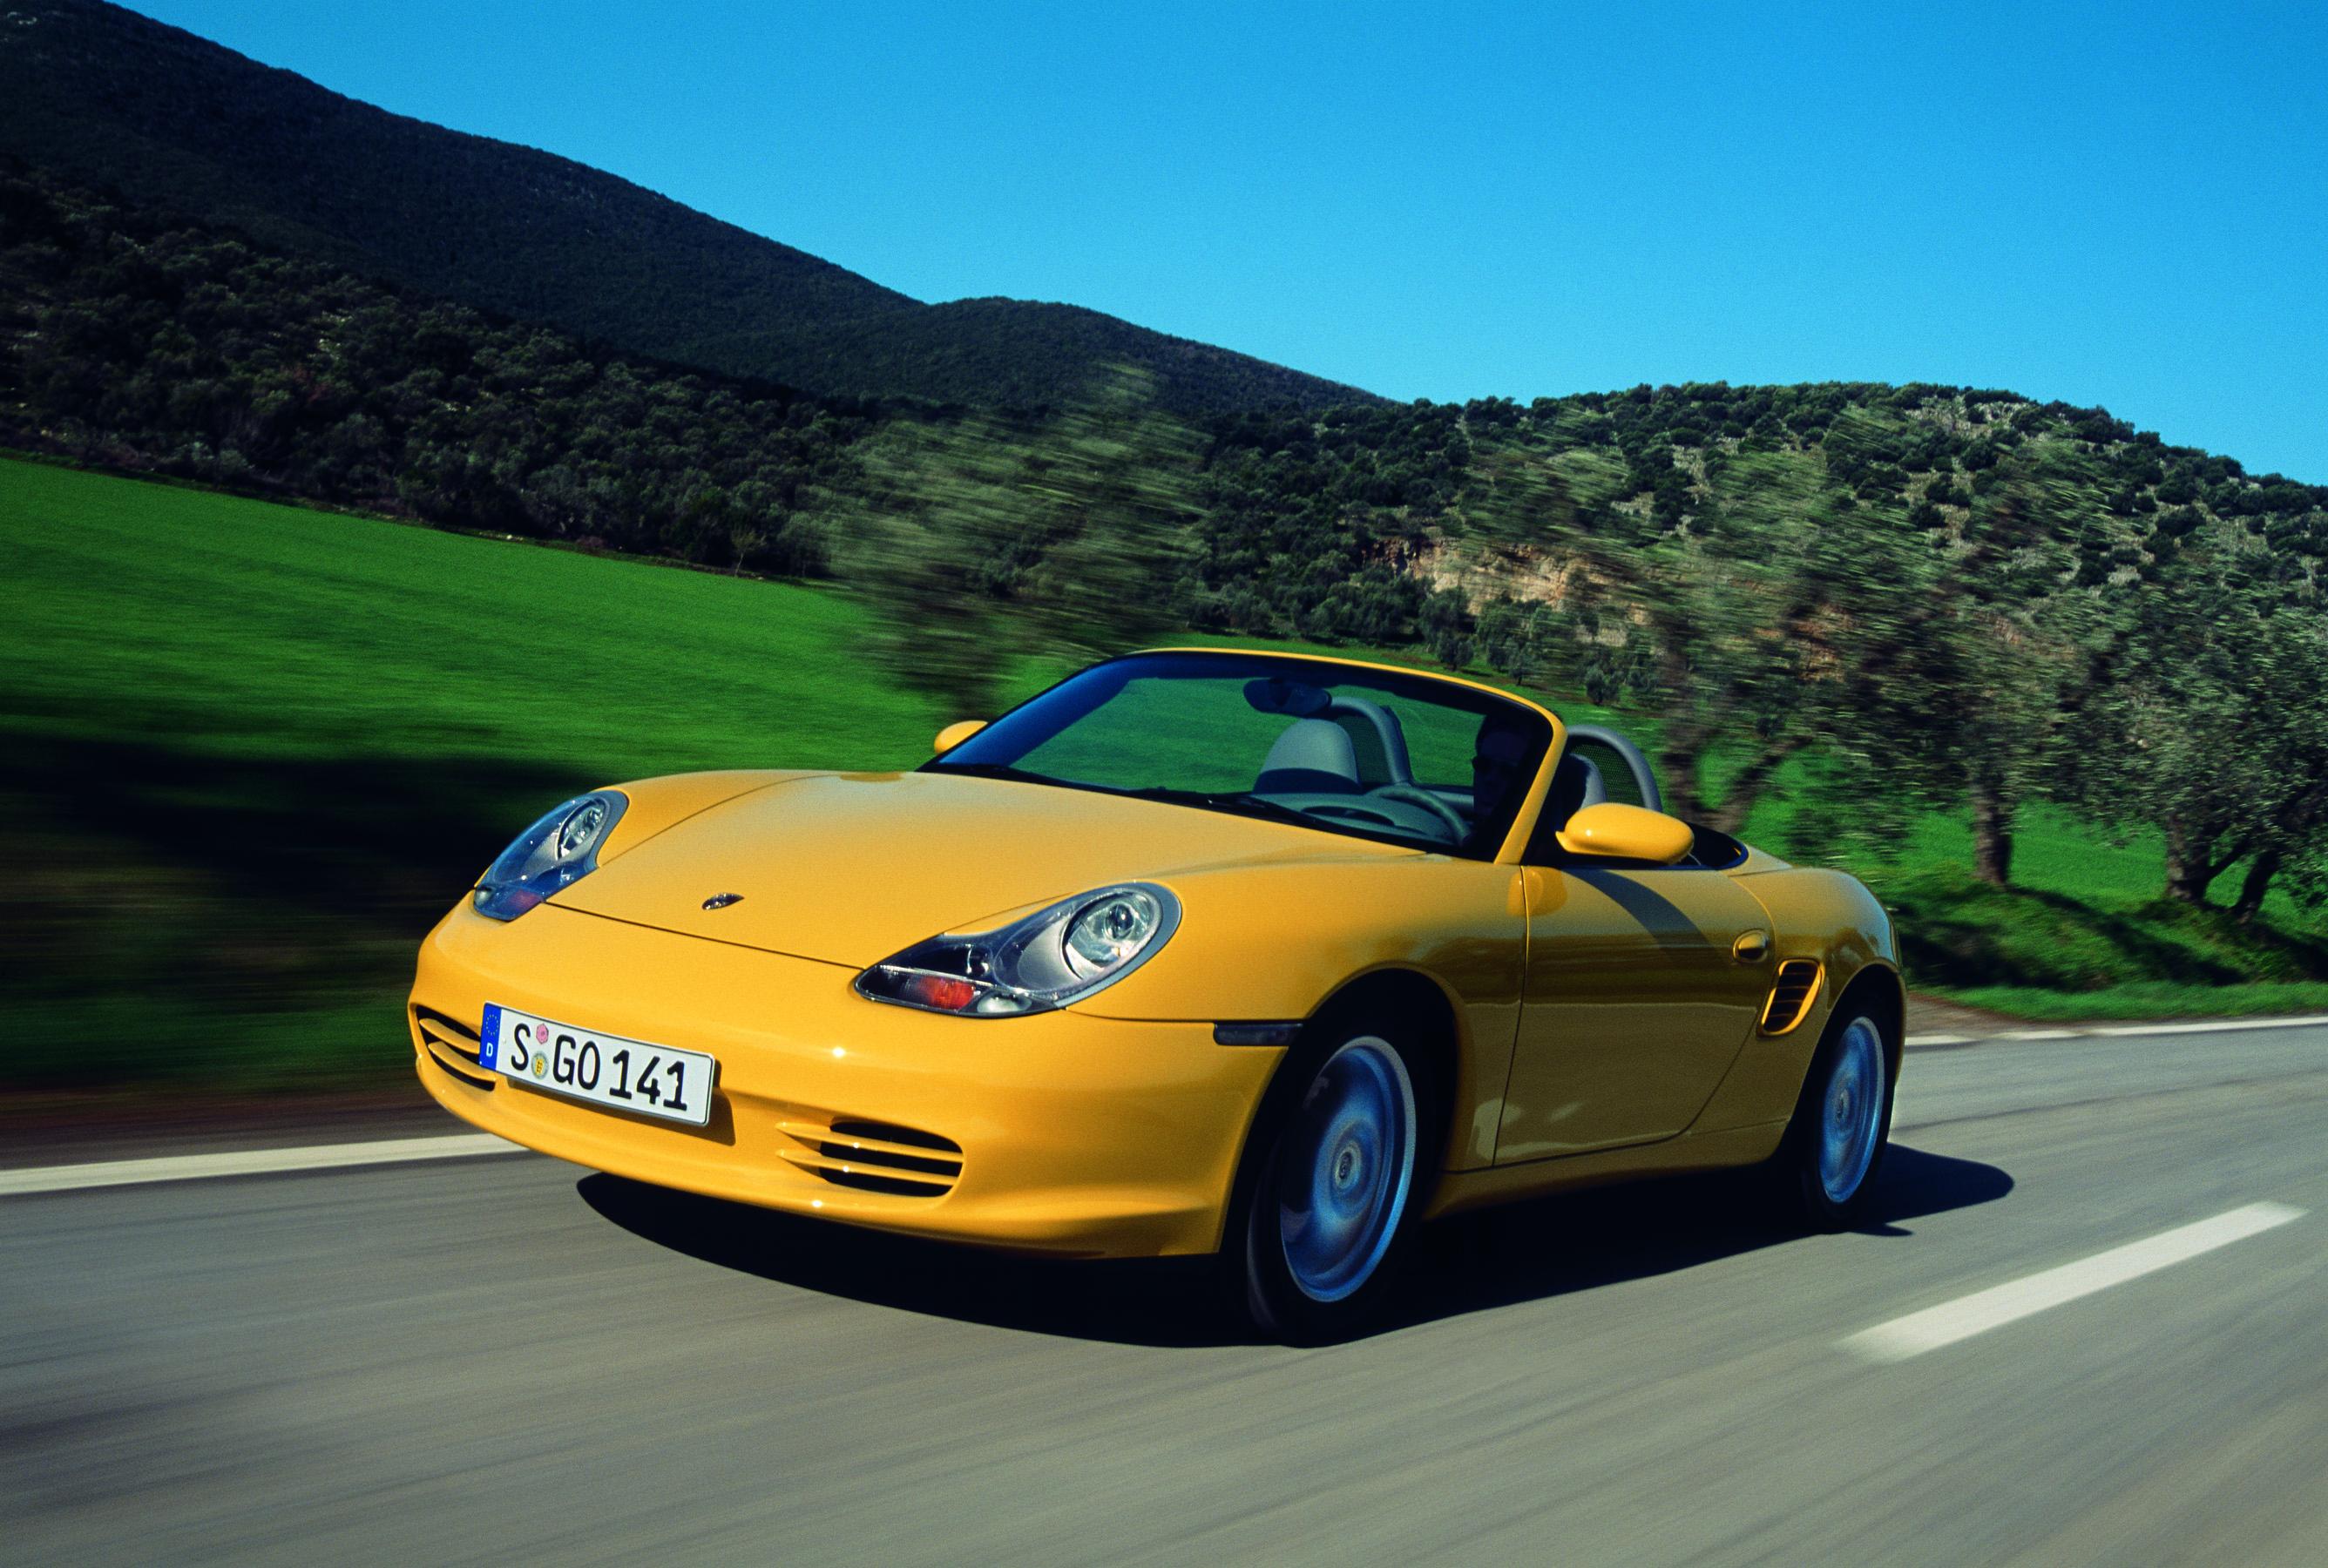 Yellow Porsche Boxster